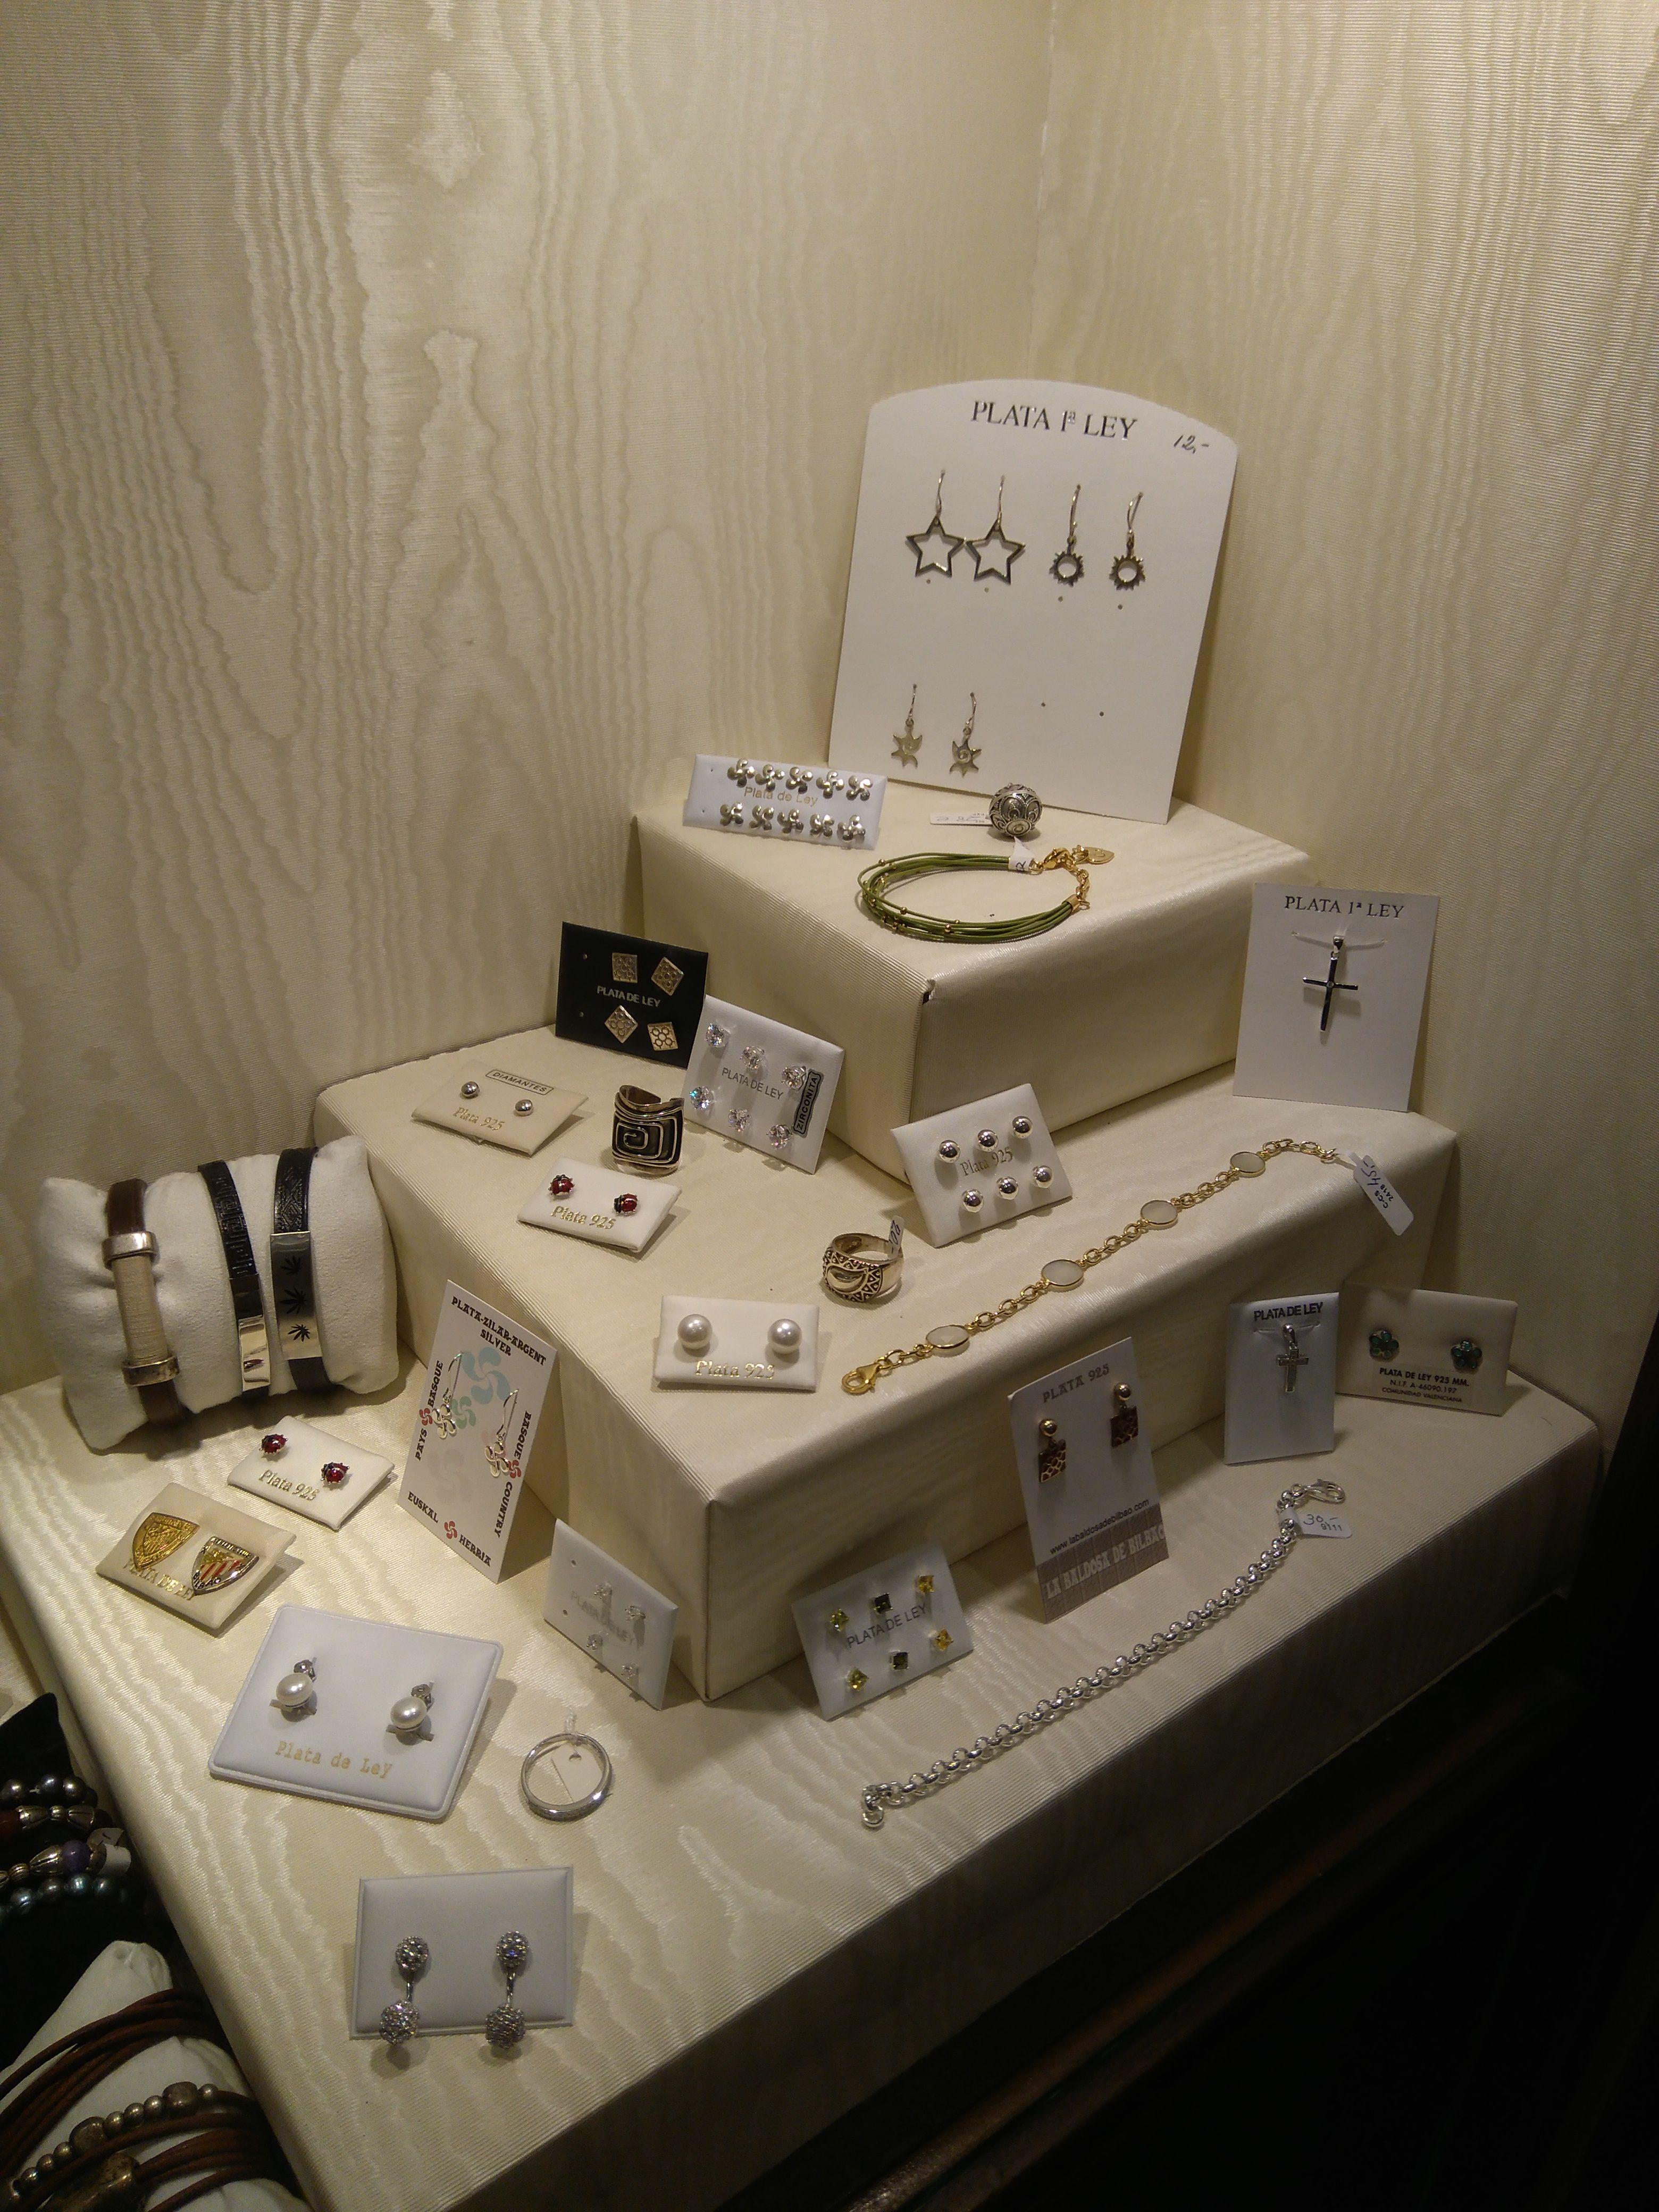 Joyería de oro y plata: Servicios de Diseño Joya